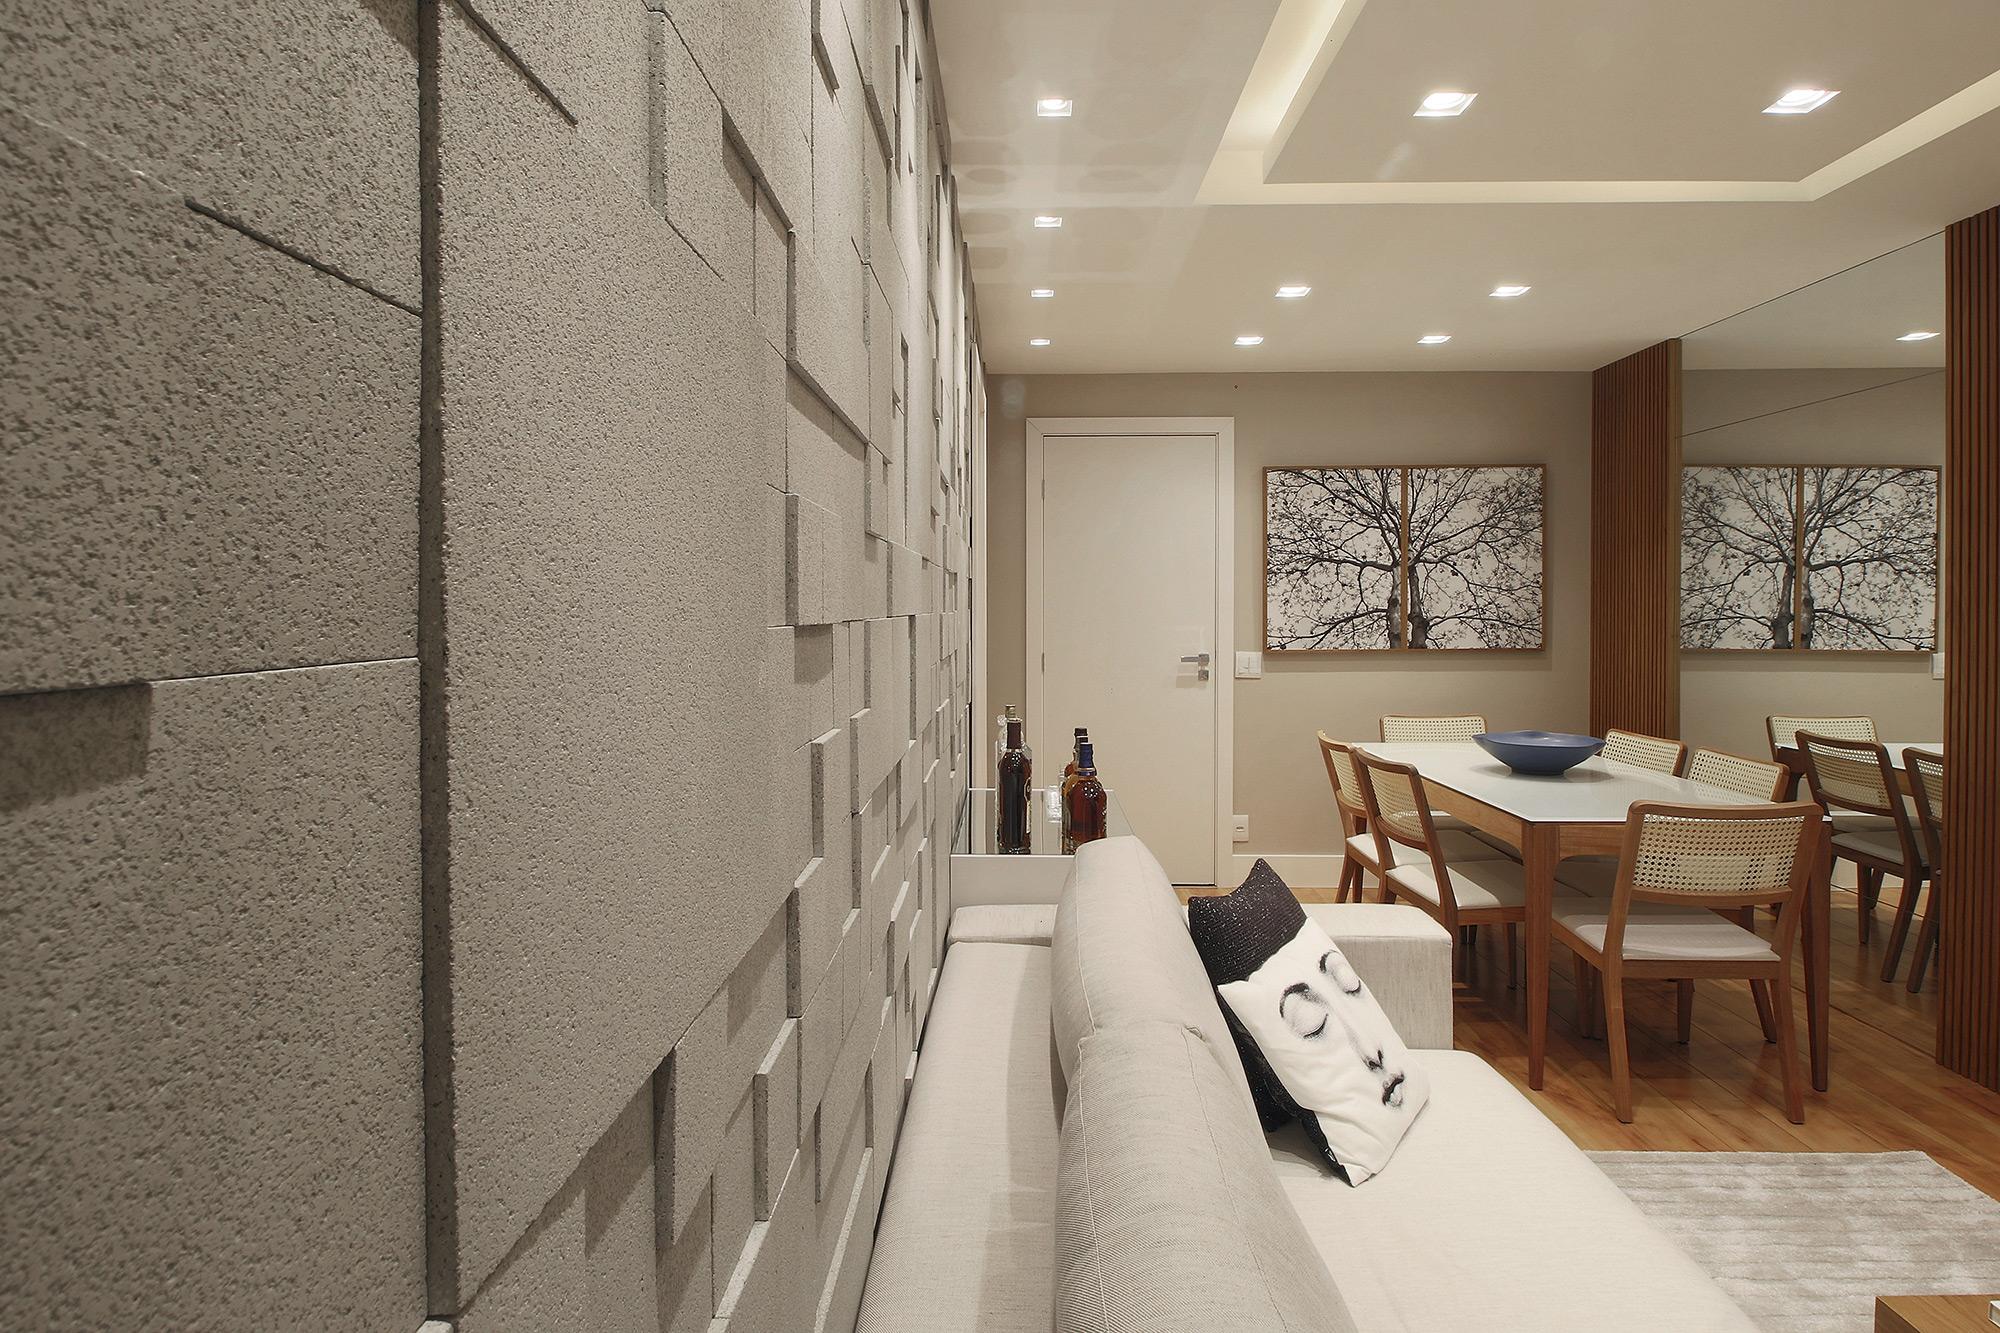 Mosaico Grezzo Cinza - Studio AD Arquitetura - Foto Gustavo Bresciani